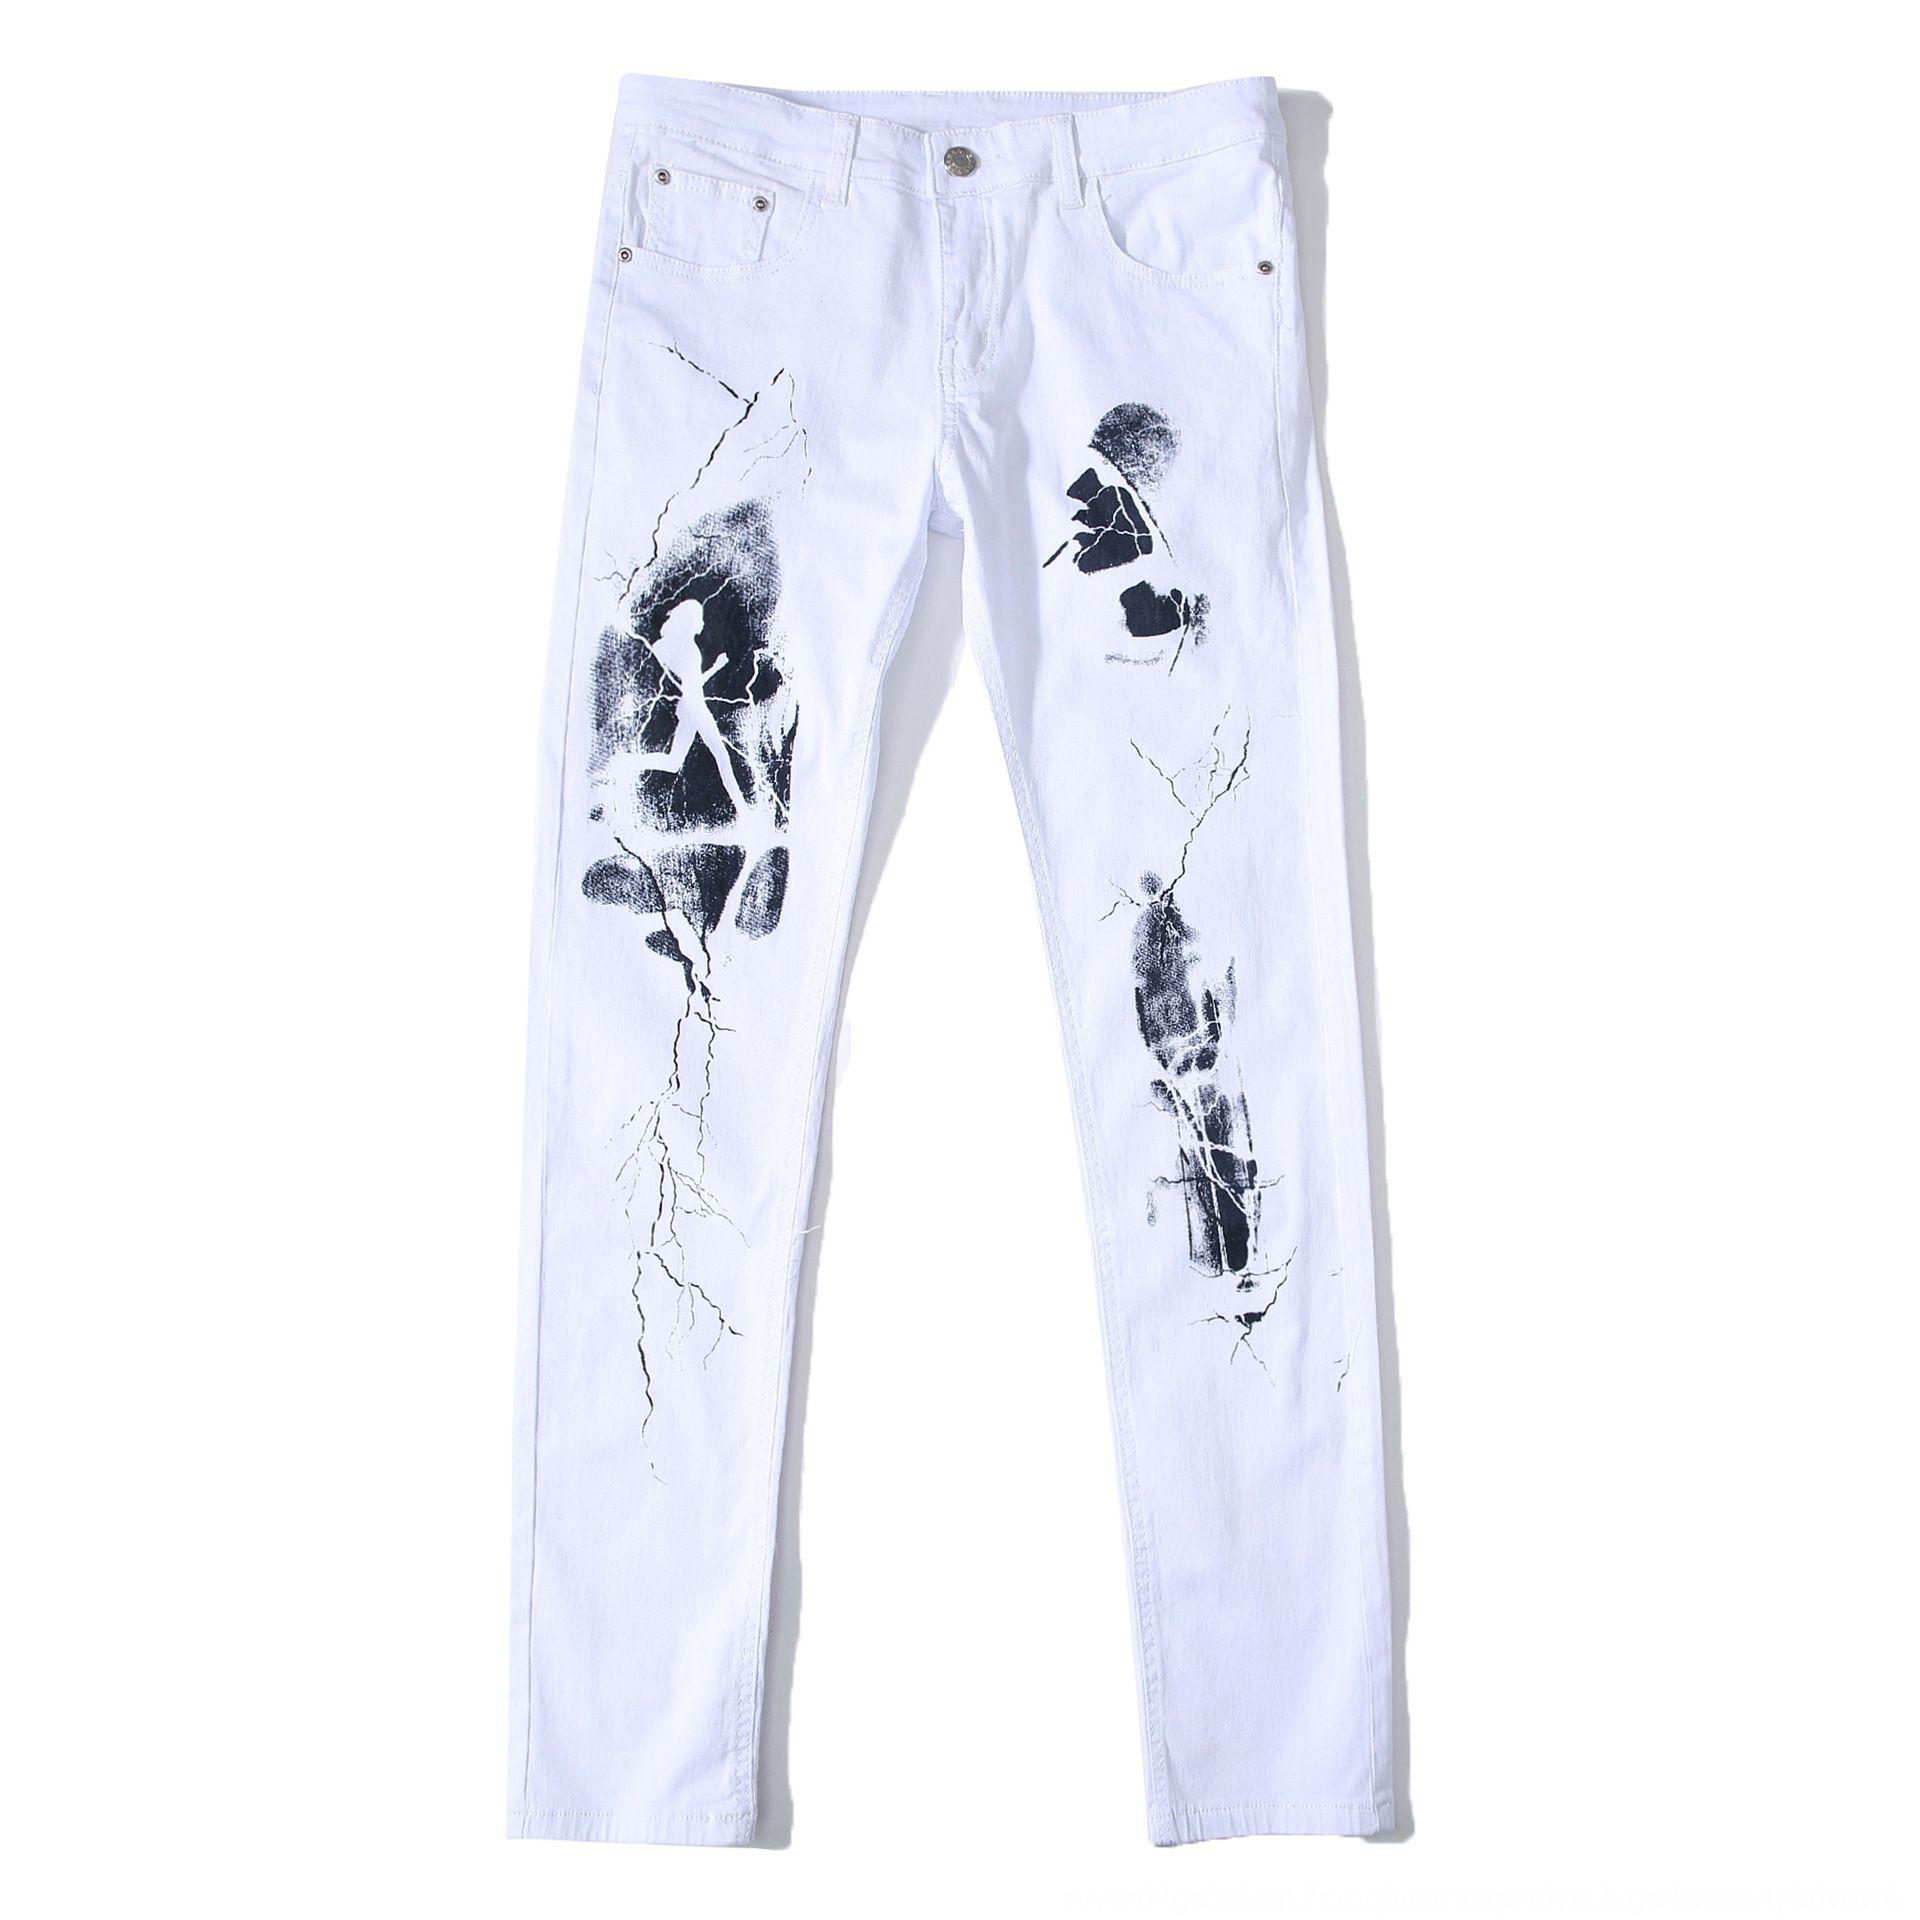 uYKXb DANT Булуна мужская мода и Брюки и джинсы напечатаны модные джинсы белые случайные стрейч тонкие белые брюки